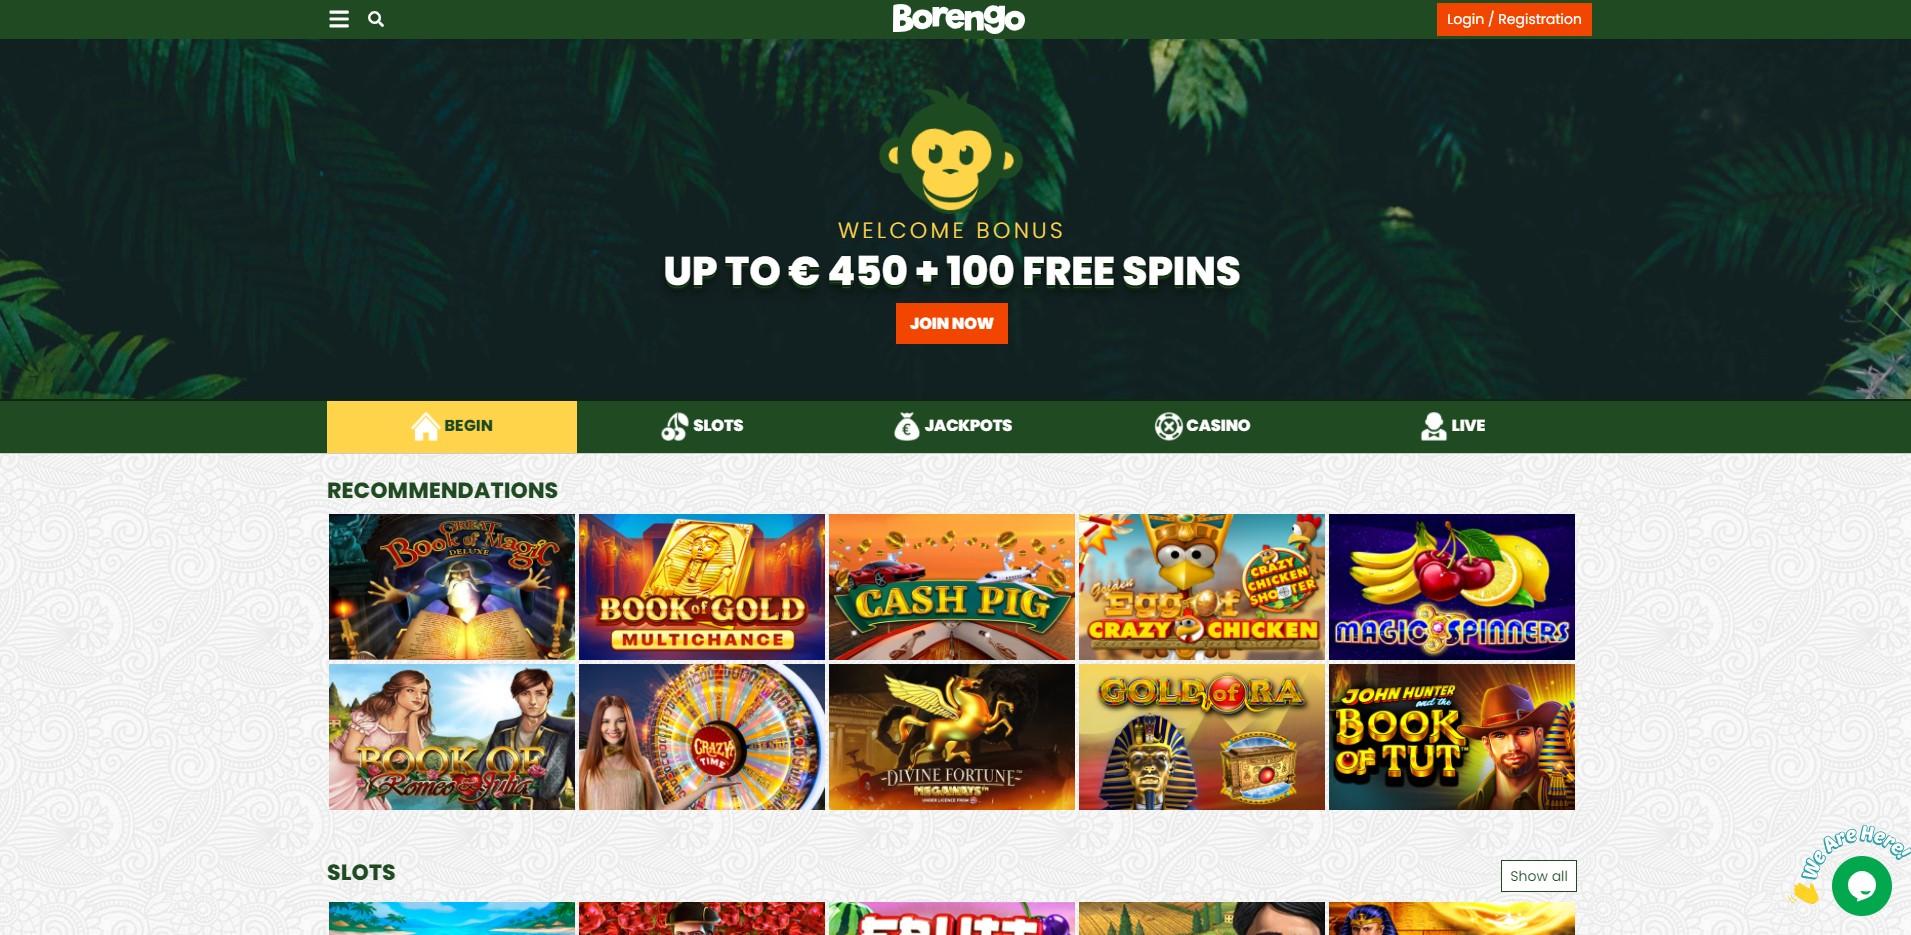 borengo.com - Website Review